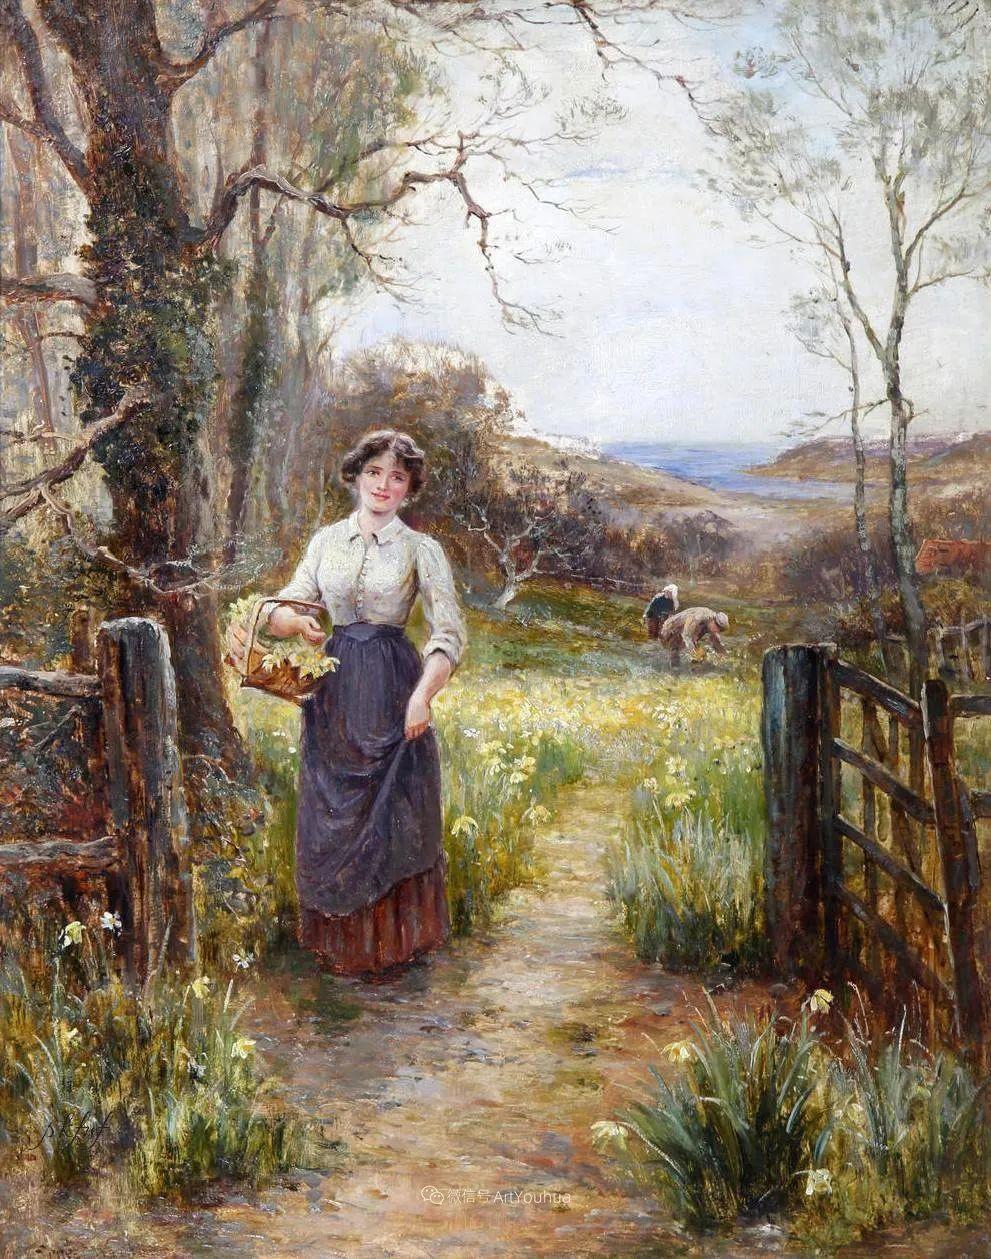 他笔下的绝美乡村景象,真令人向往!英国画家Ernest Charles Walbourn作品(上)插图36